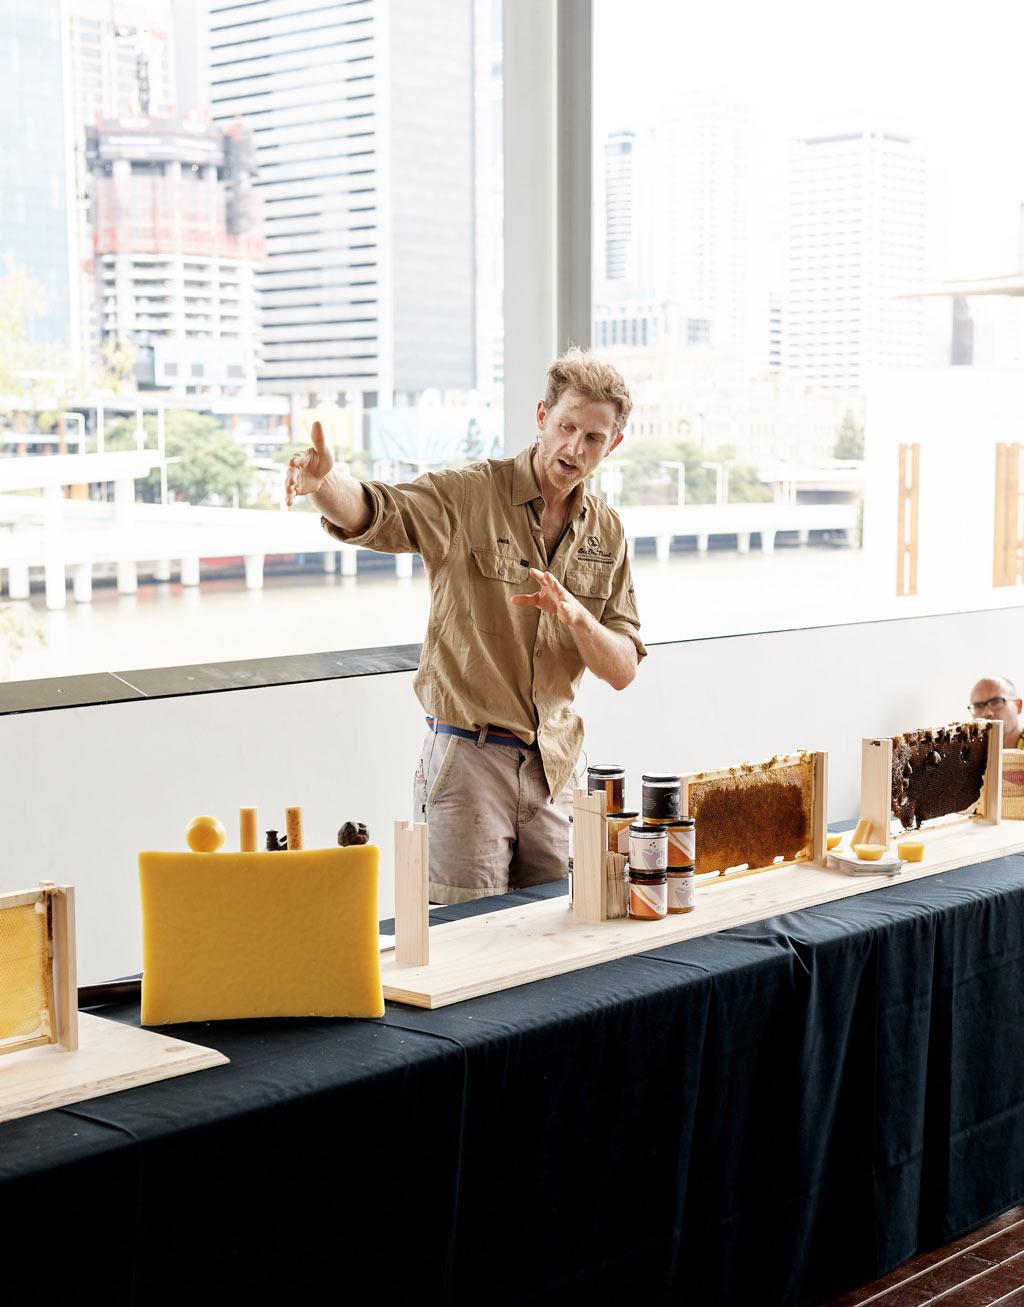 Beekeeping-social-enterprise-Brisbane.jpg